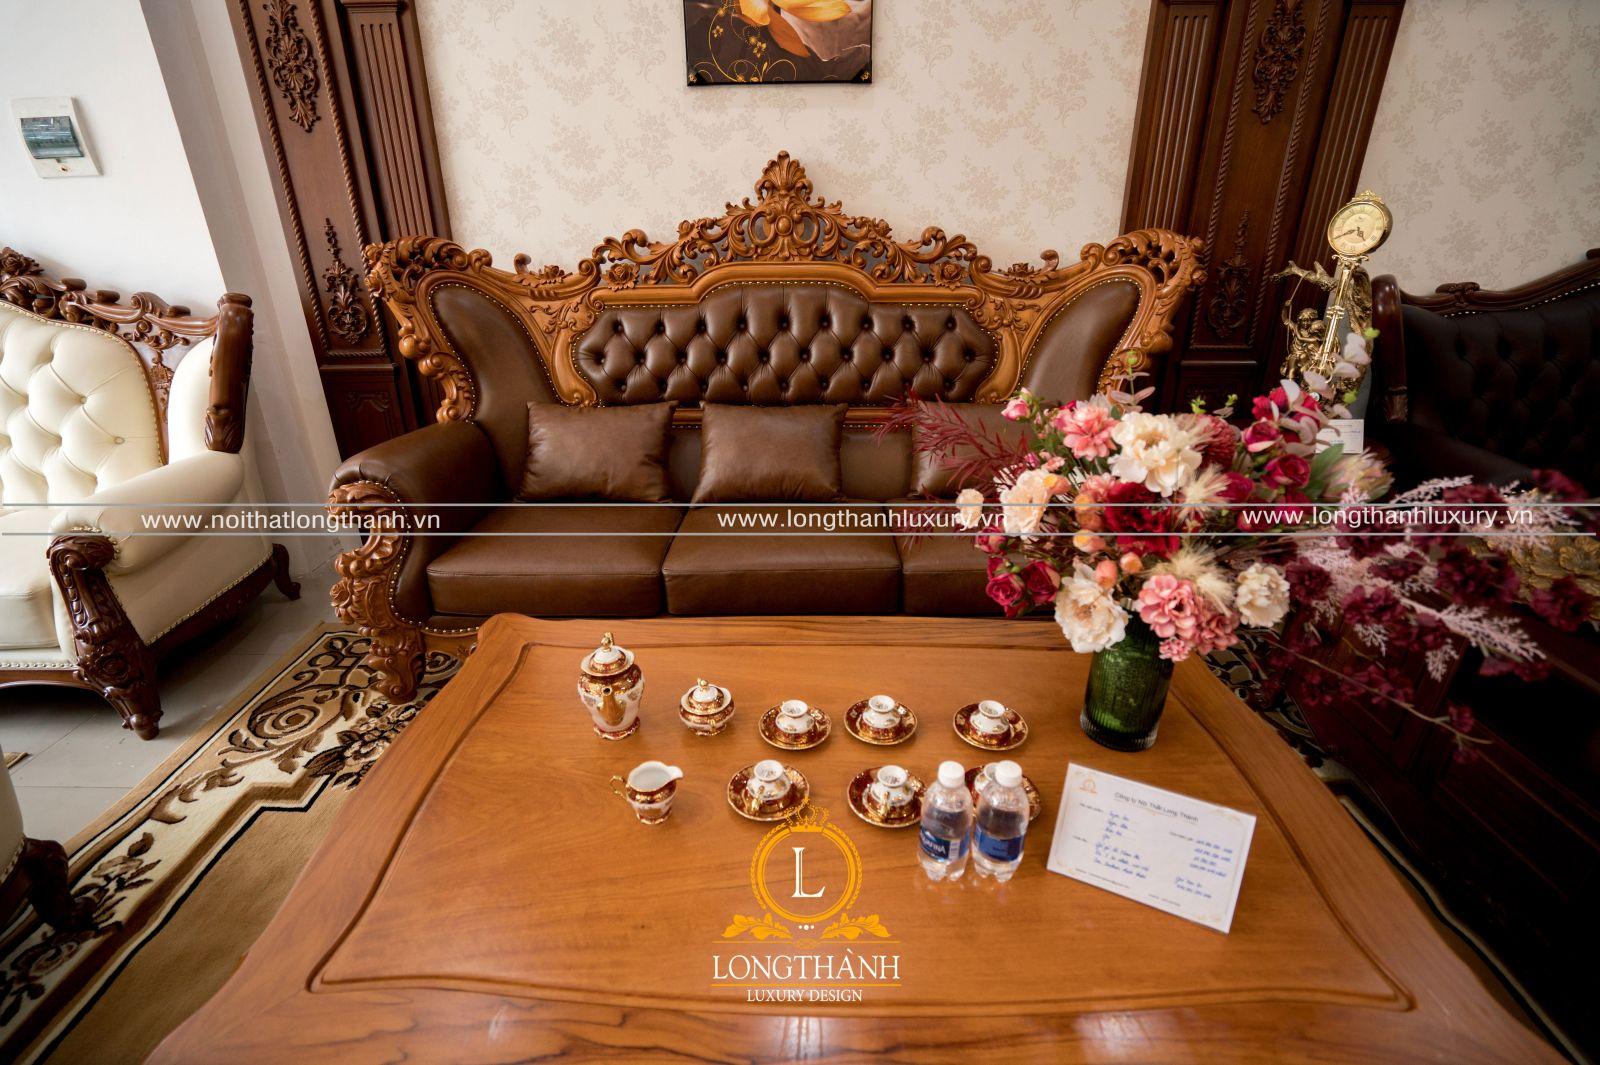 Mẫu sofa tân cổ điển chạm khắc cầu kỳ được trưng bày